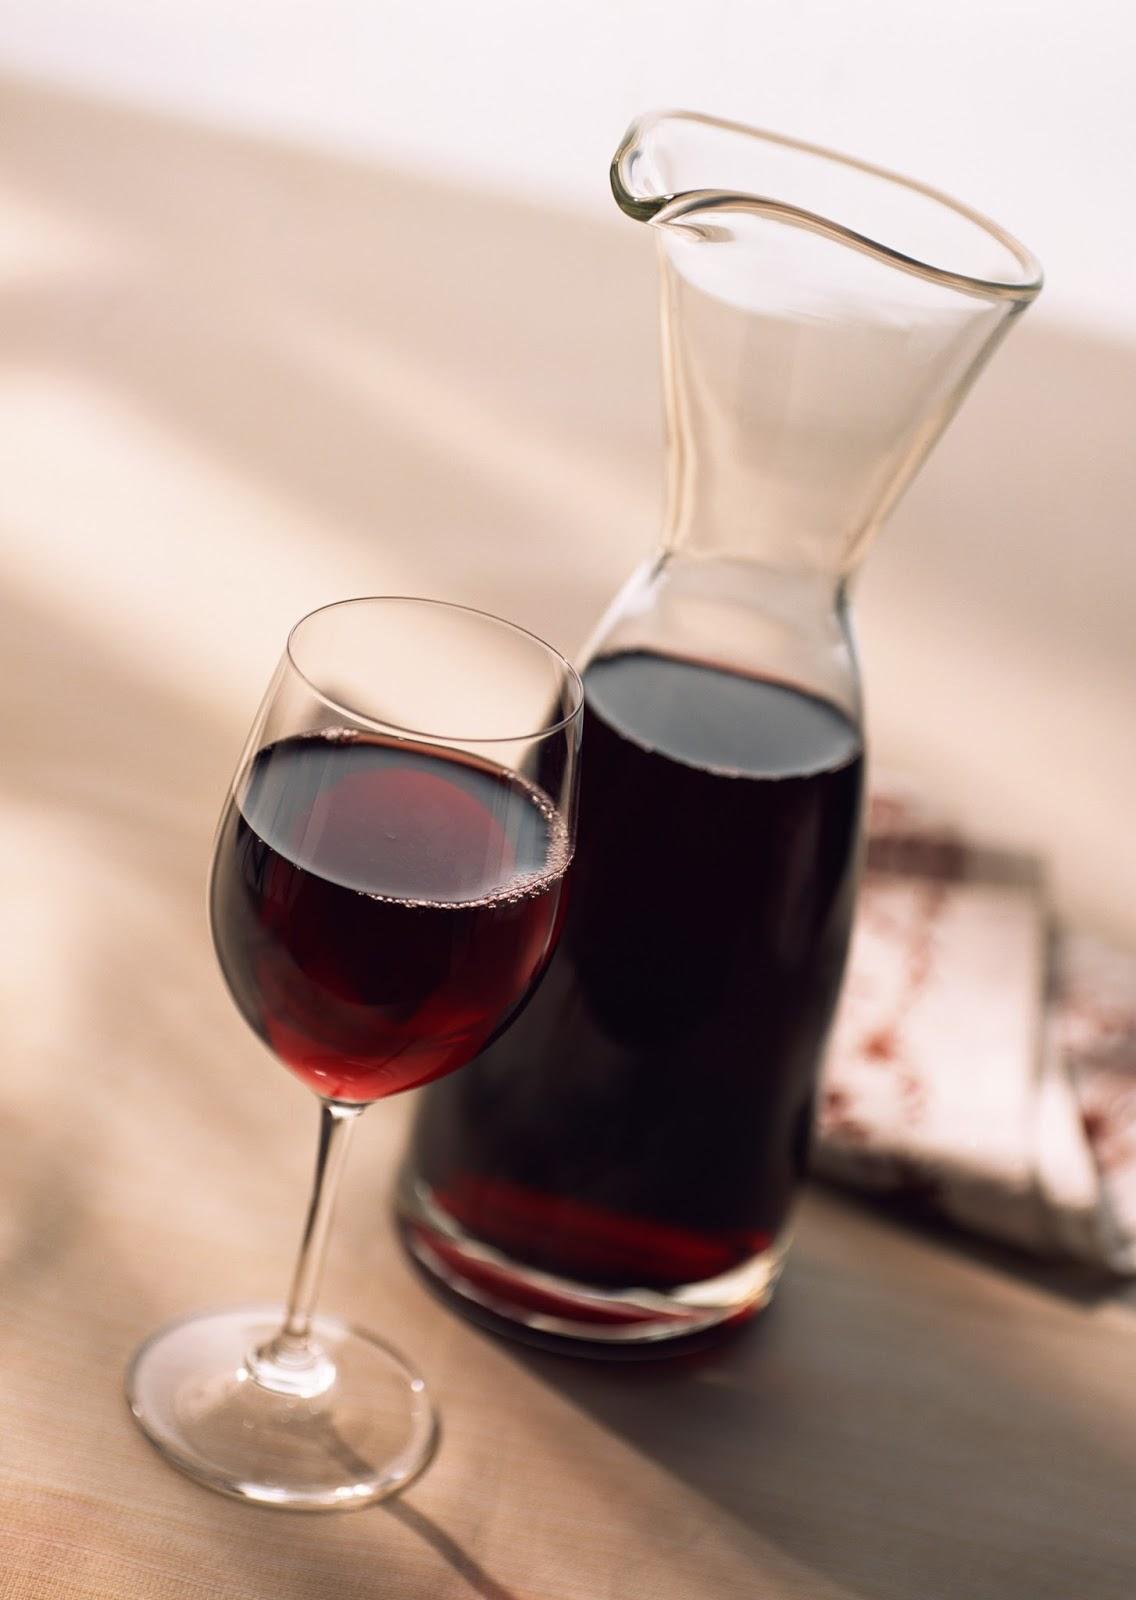 Vinos en c rdoba doce vinos bbb buenos bonitos y for Sillones bonitos y baratos